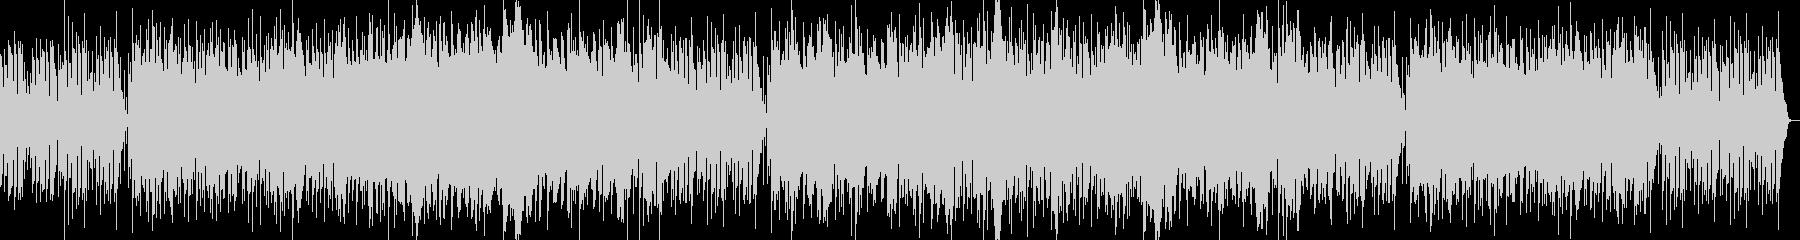 カフェラウンジをイメージしたボサノバの未再生の波形